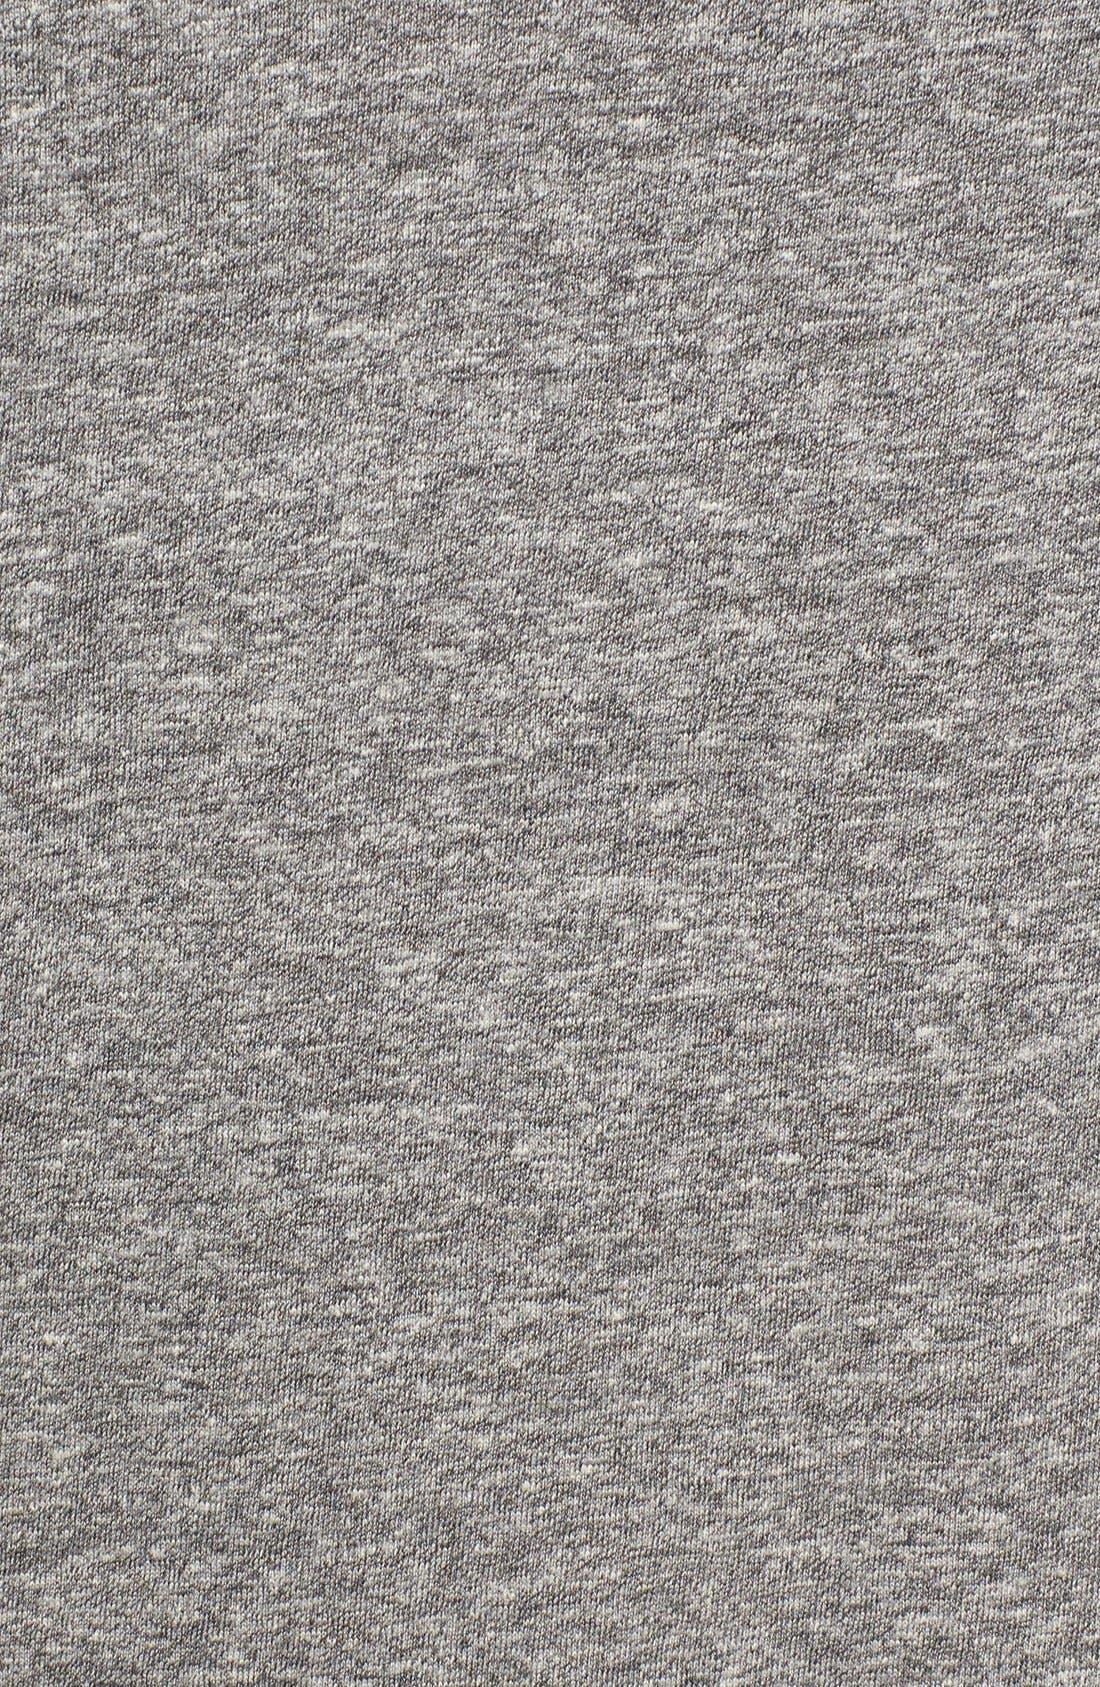 T-Shirt Dress,                             Alternate thumbnail 9, color,                             099